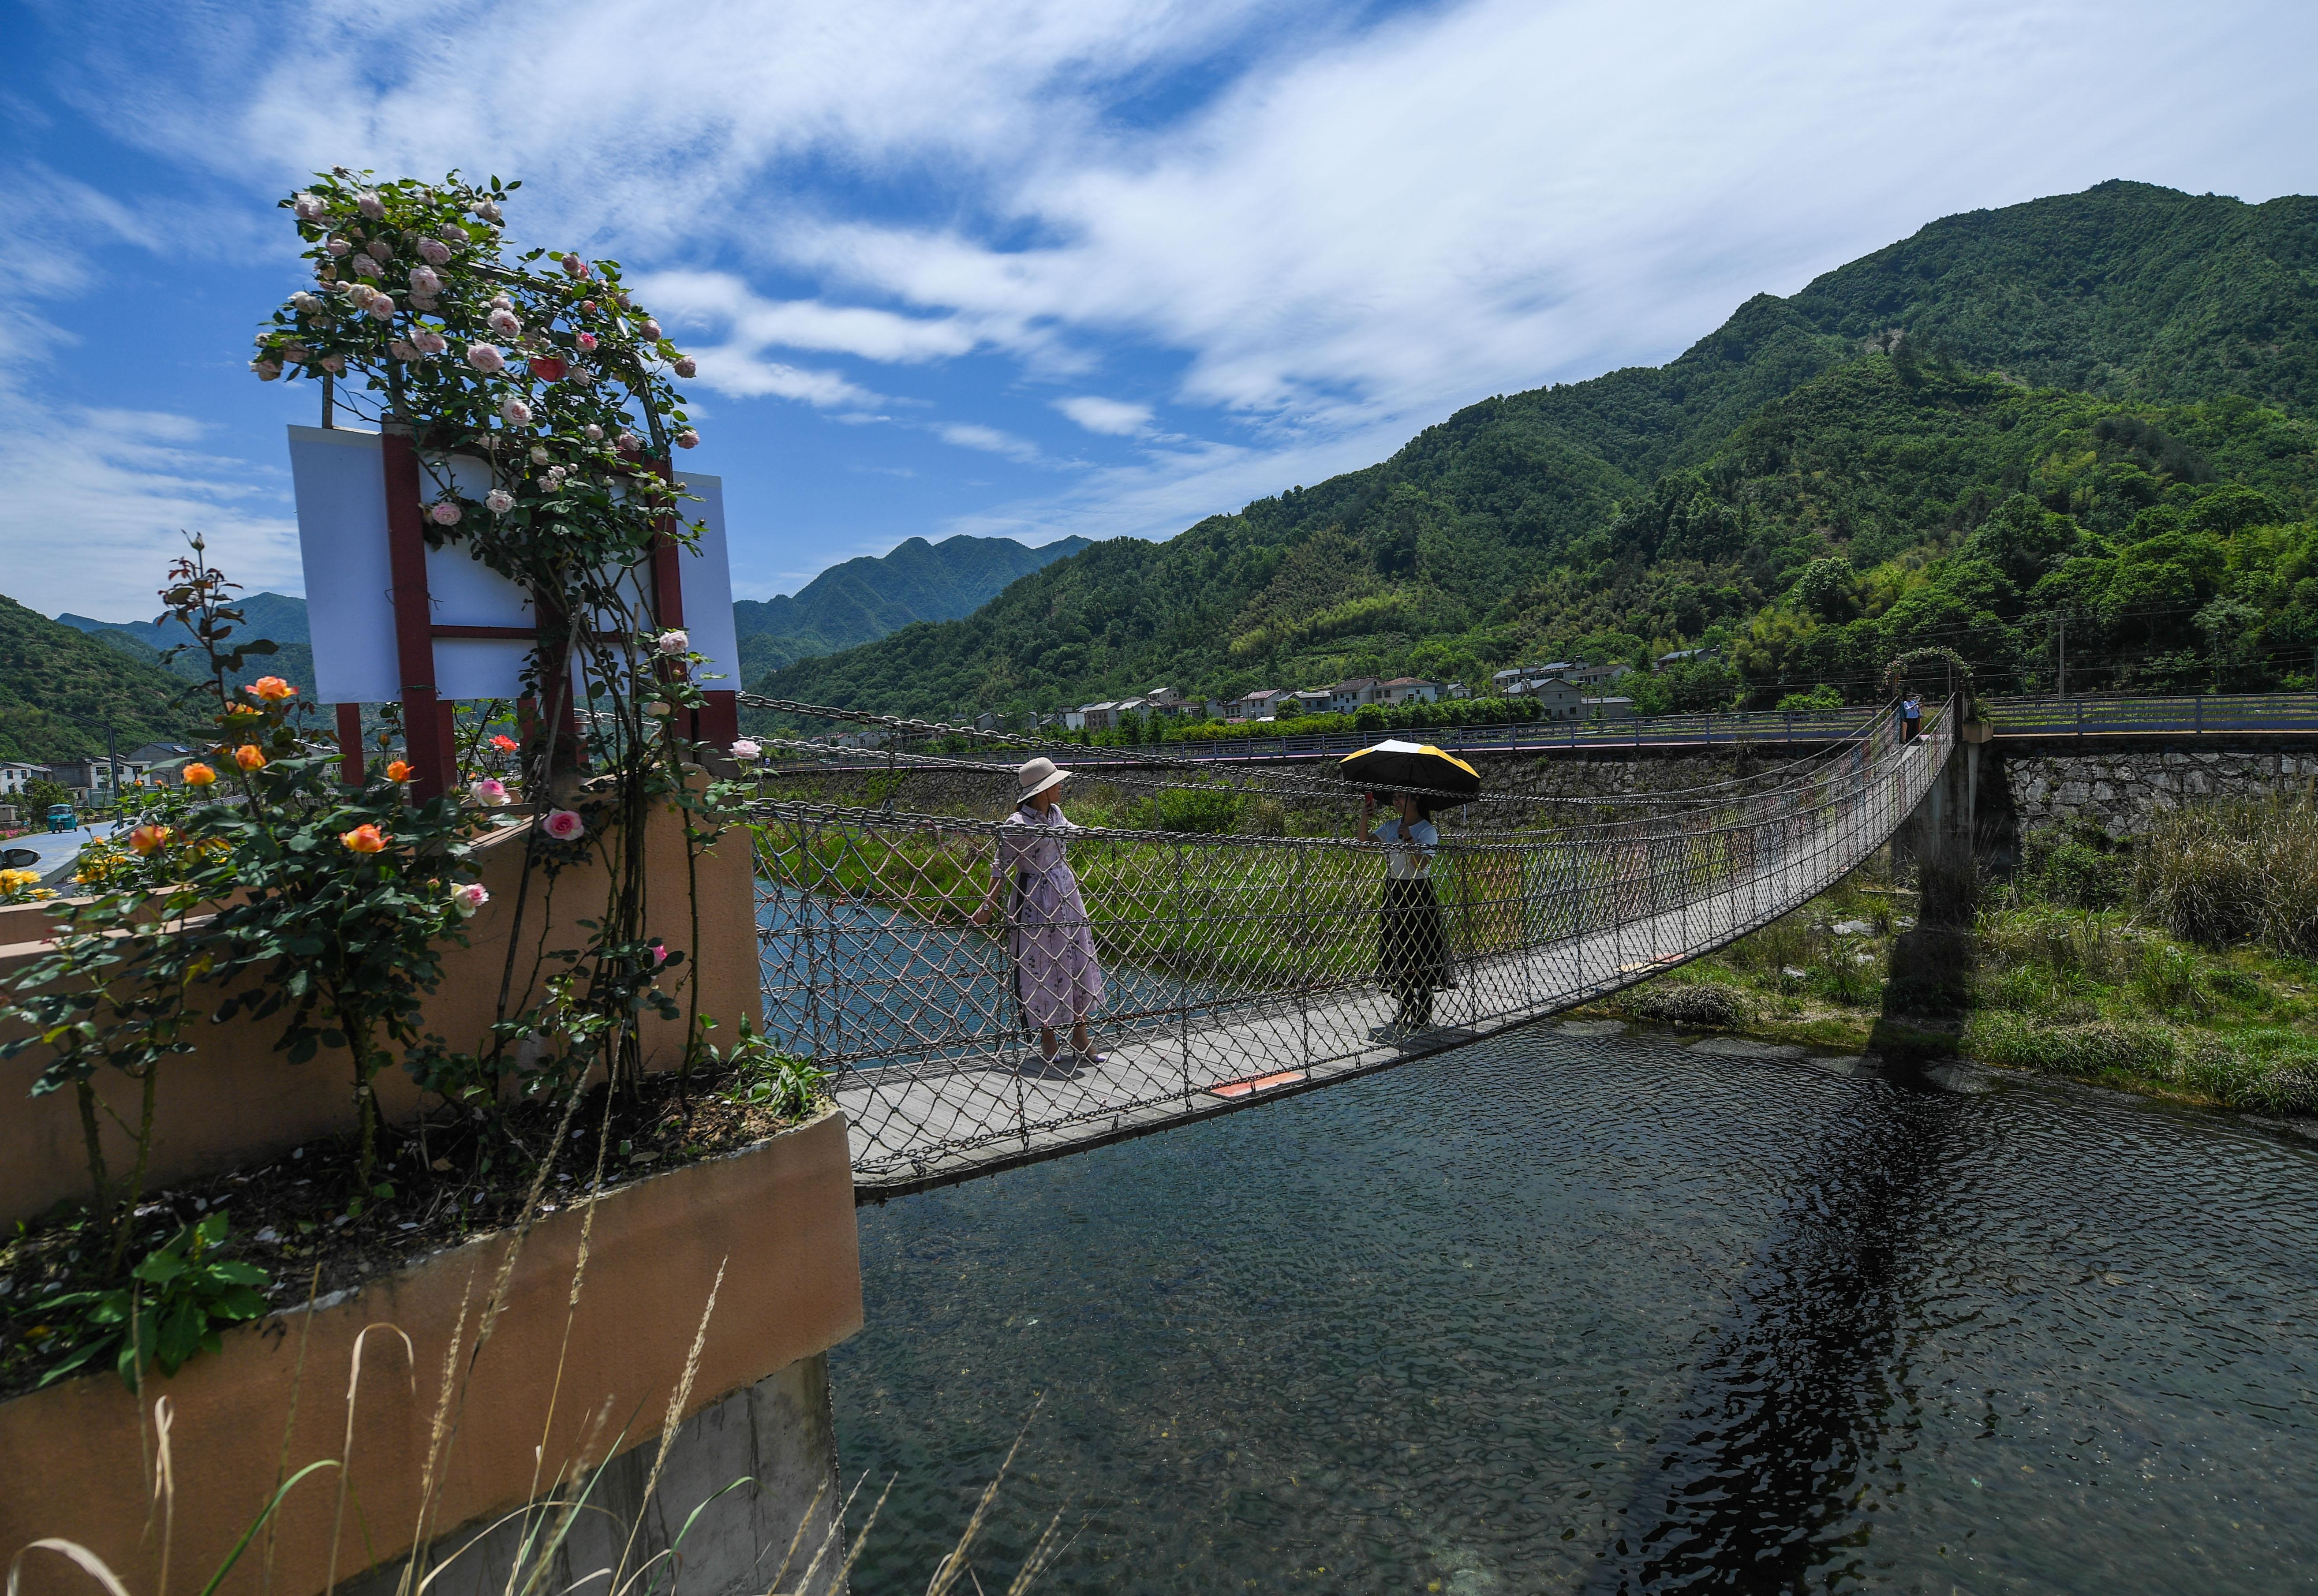 修筑桥梁,开辟道路,让美丽的农村走上致富之路